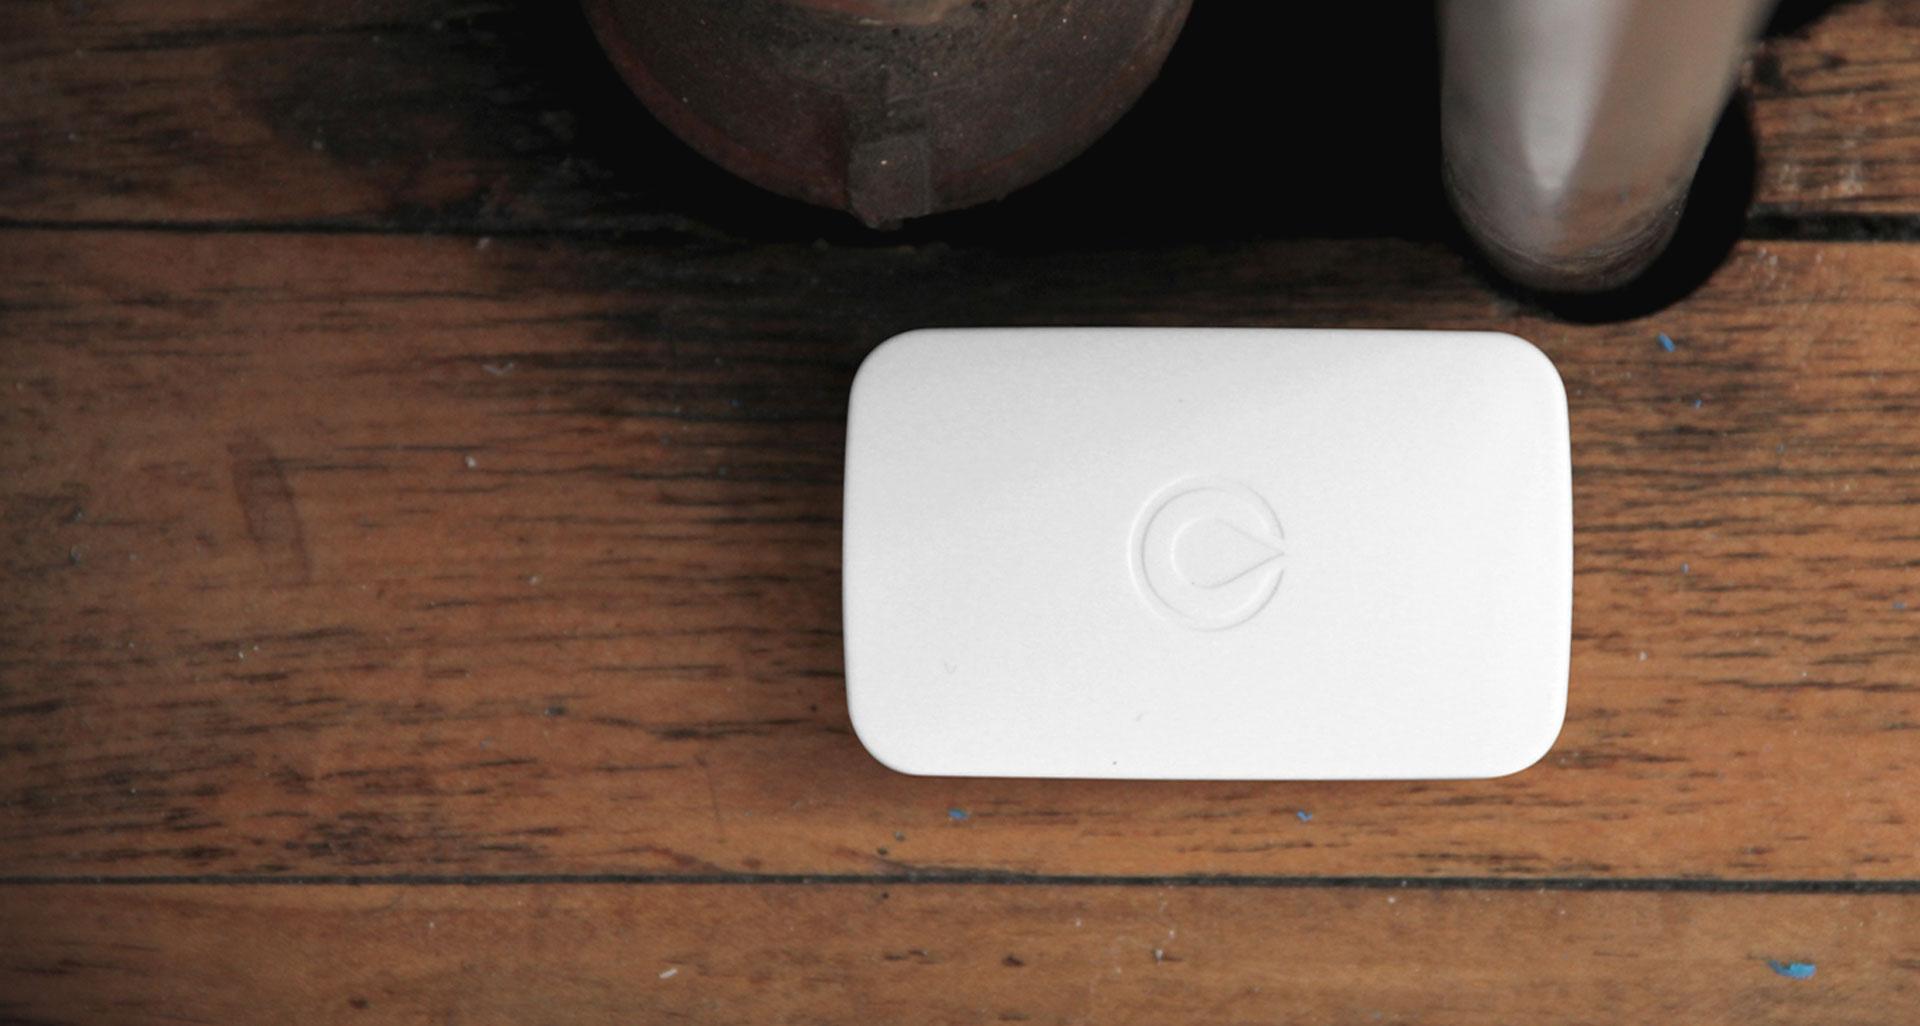 Samsung SmartThings Moisture Sensor